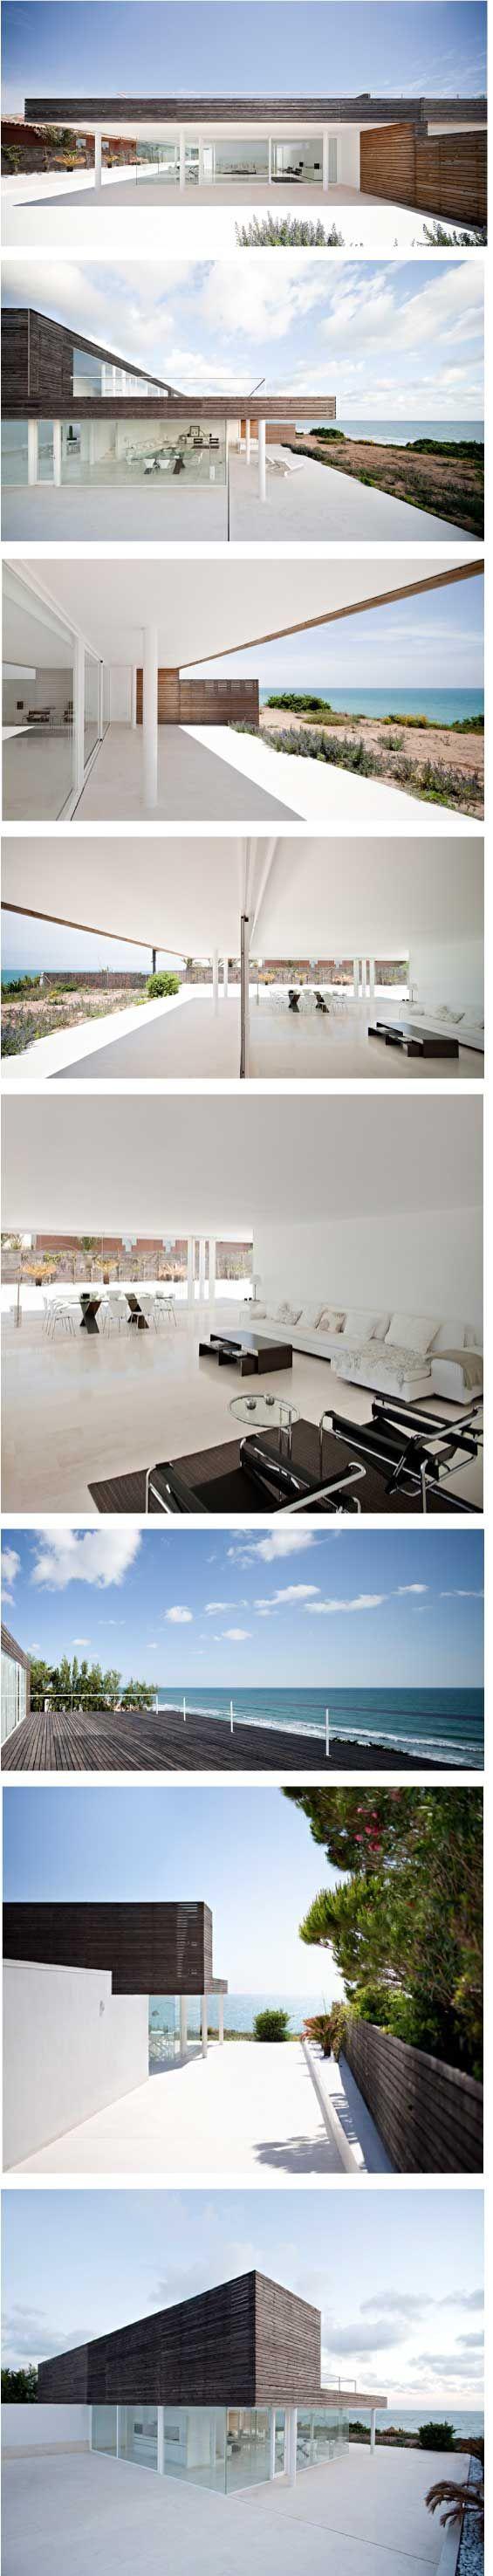 DBJC House by Alberto Campo Baeza